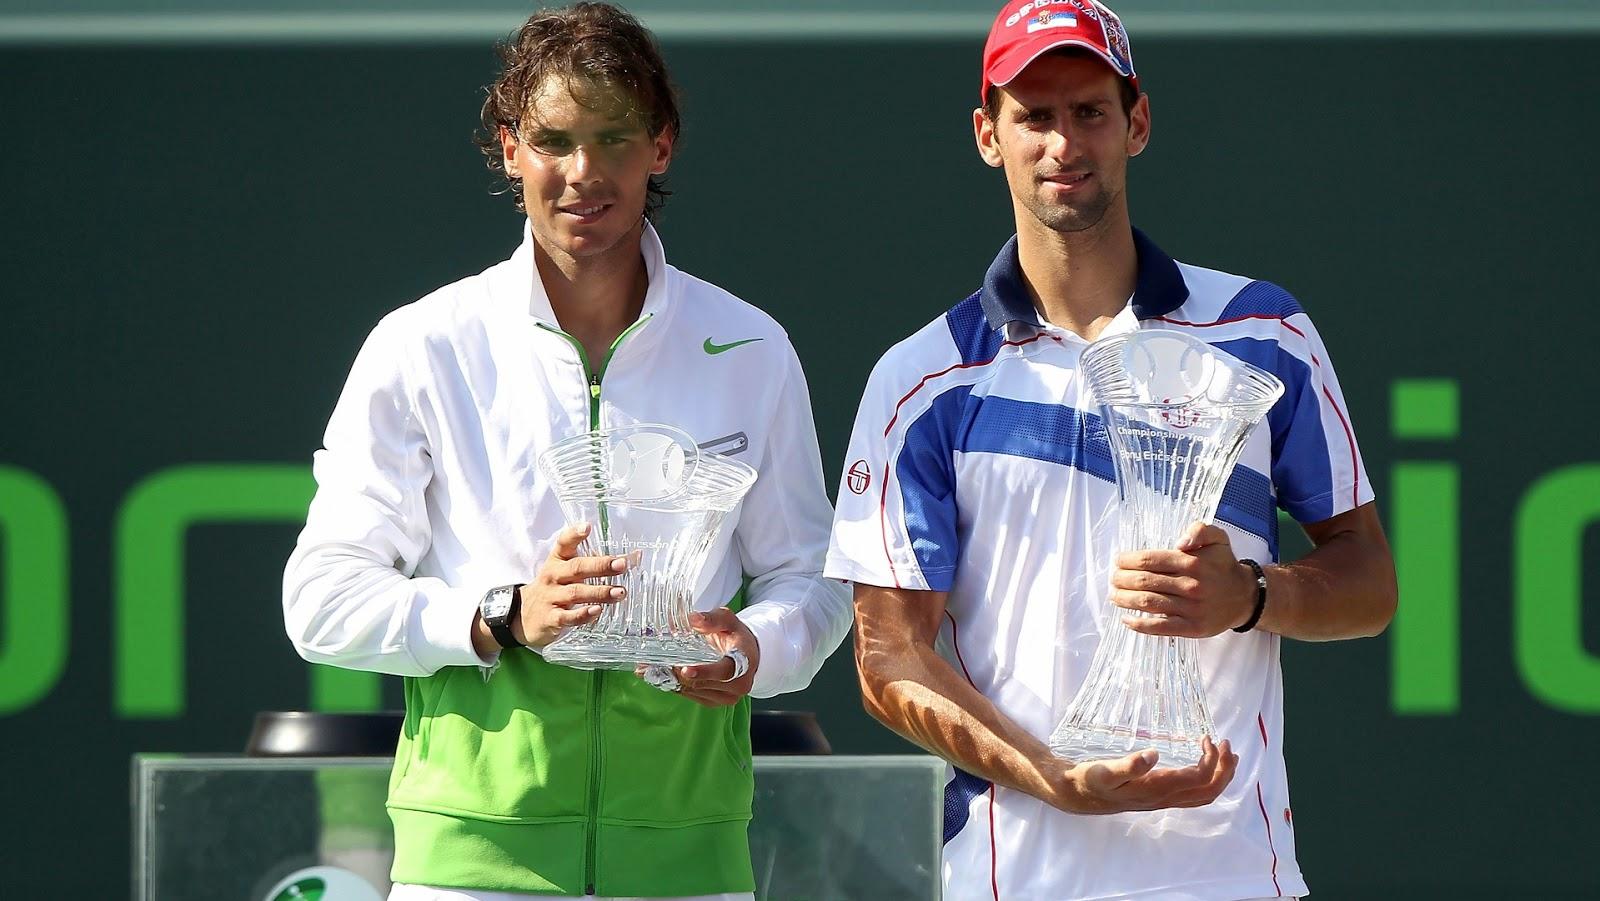 djokovick-wins-sony-open-title-2014